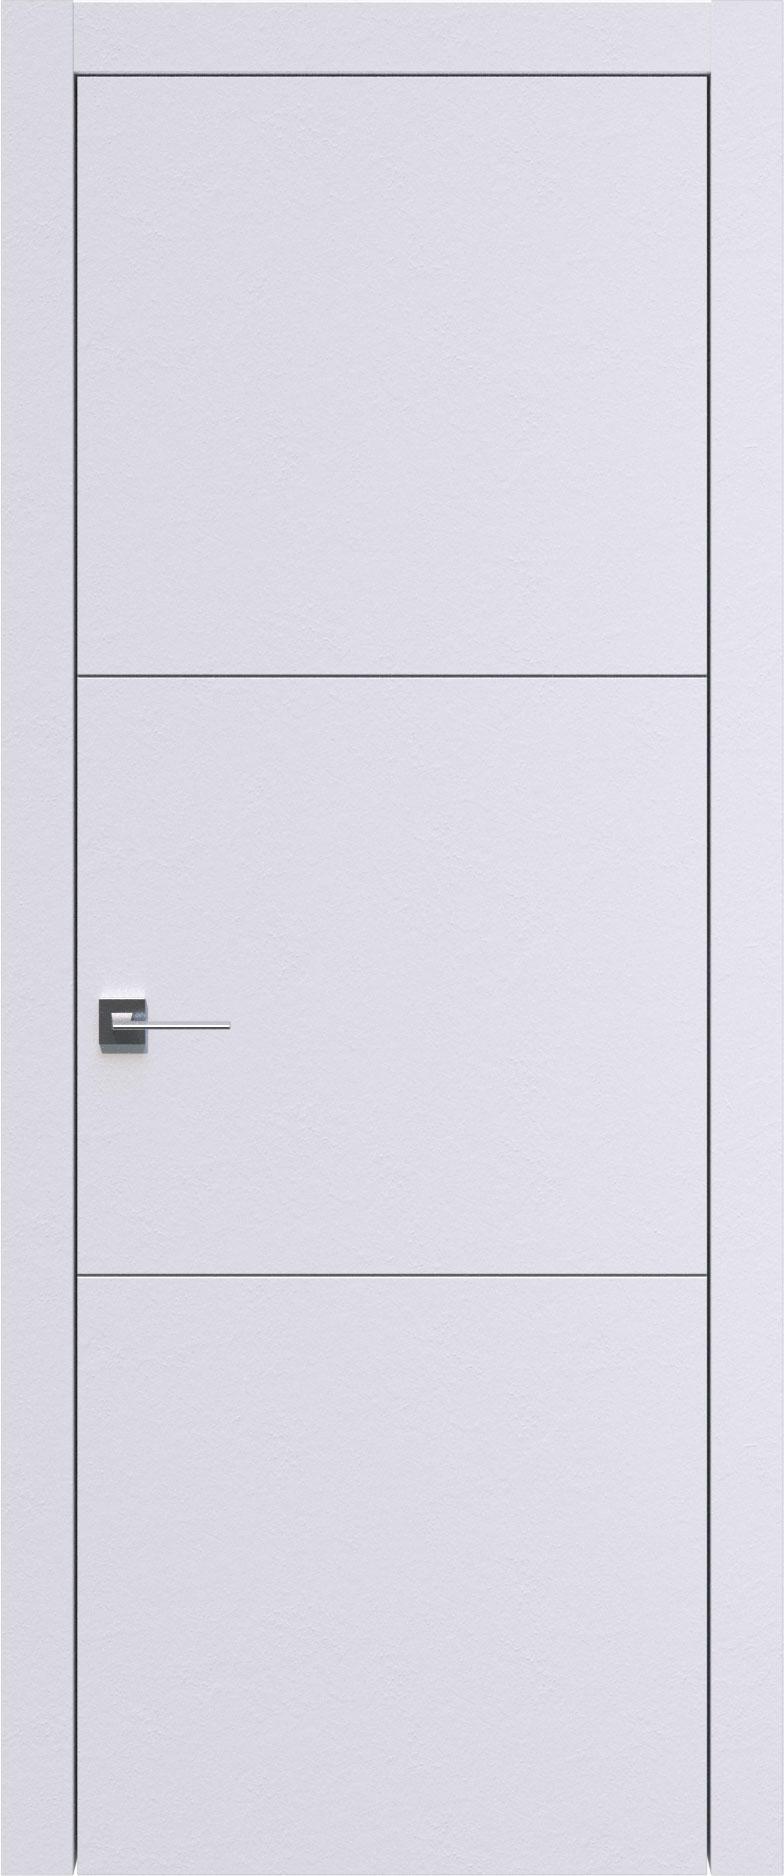 Tivoli В-2 цвет - Арктик белый Без стекла (ДГ)